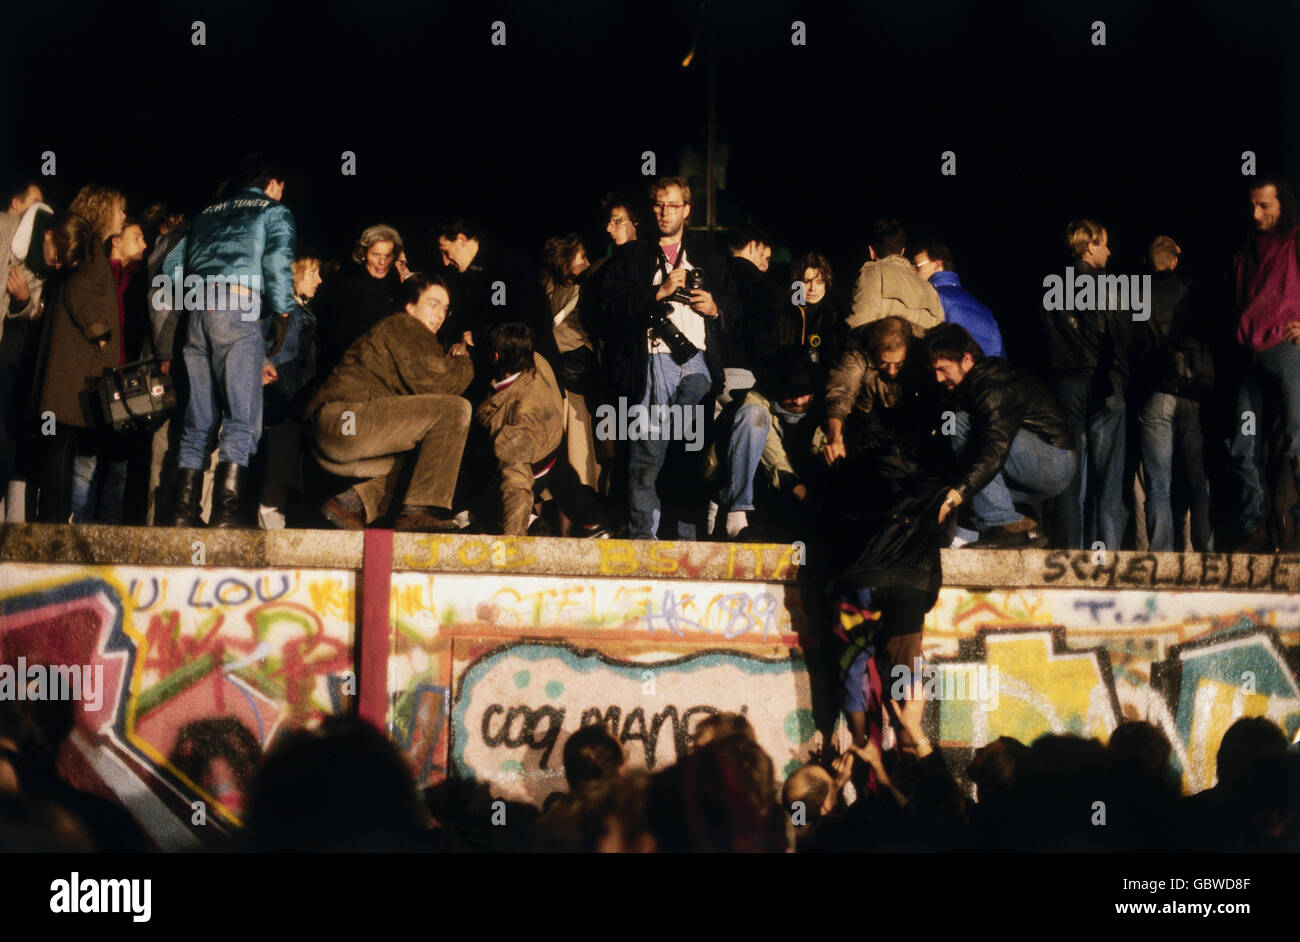 Géographie / voyage, Allemagne, chute du Mur de Berlin, les gens d'escalade sur le mur, Berlin, 09.11.1989, Photo Stock